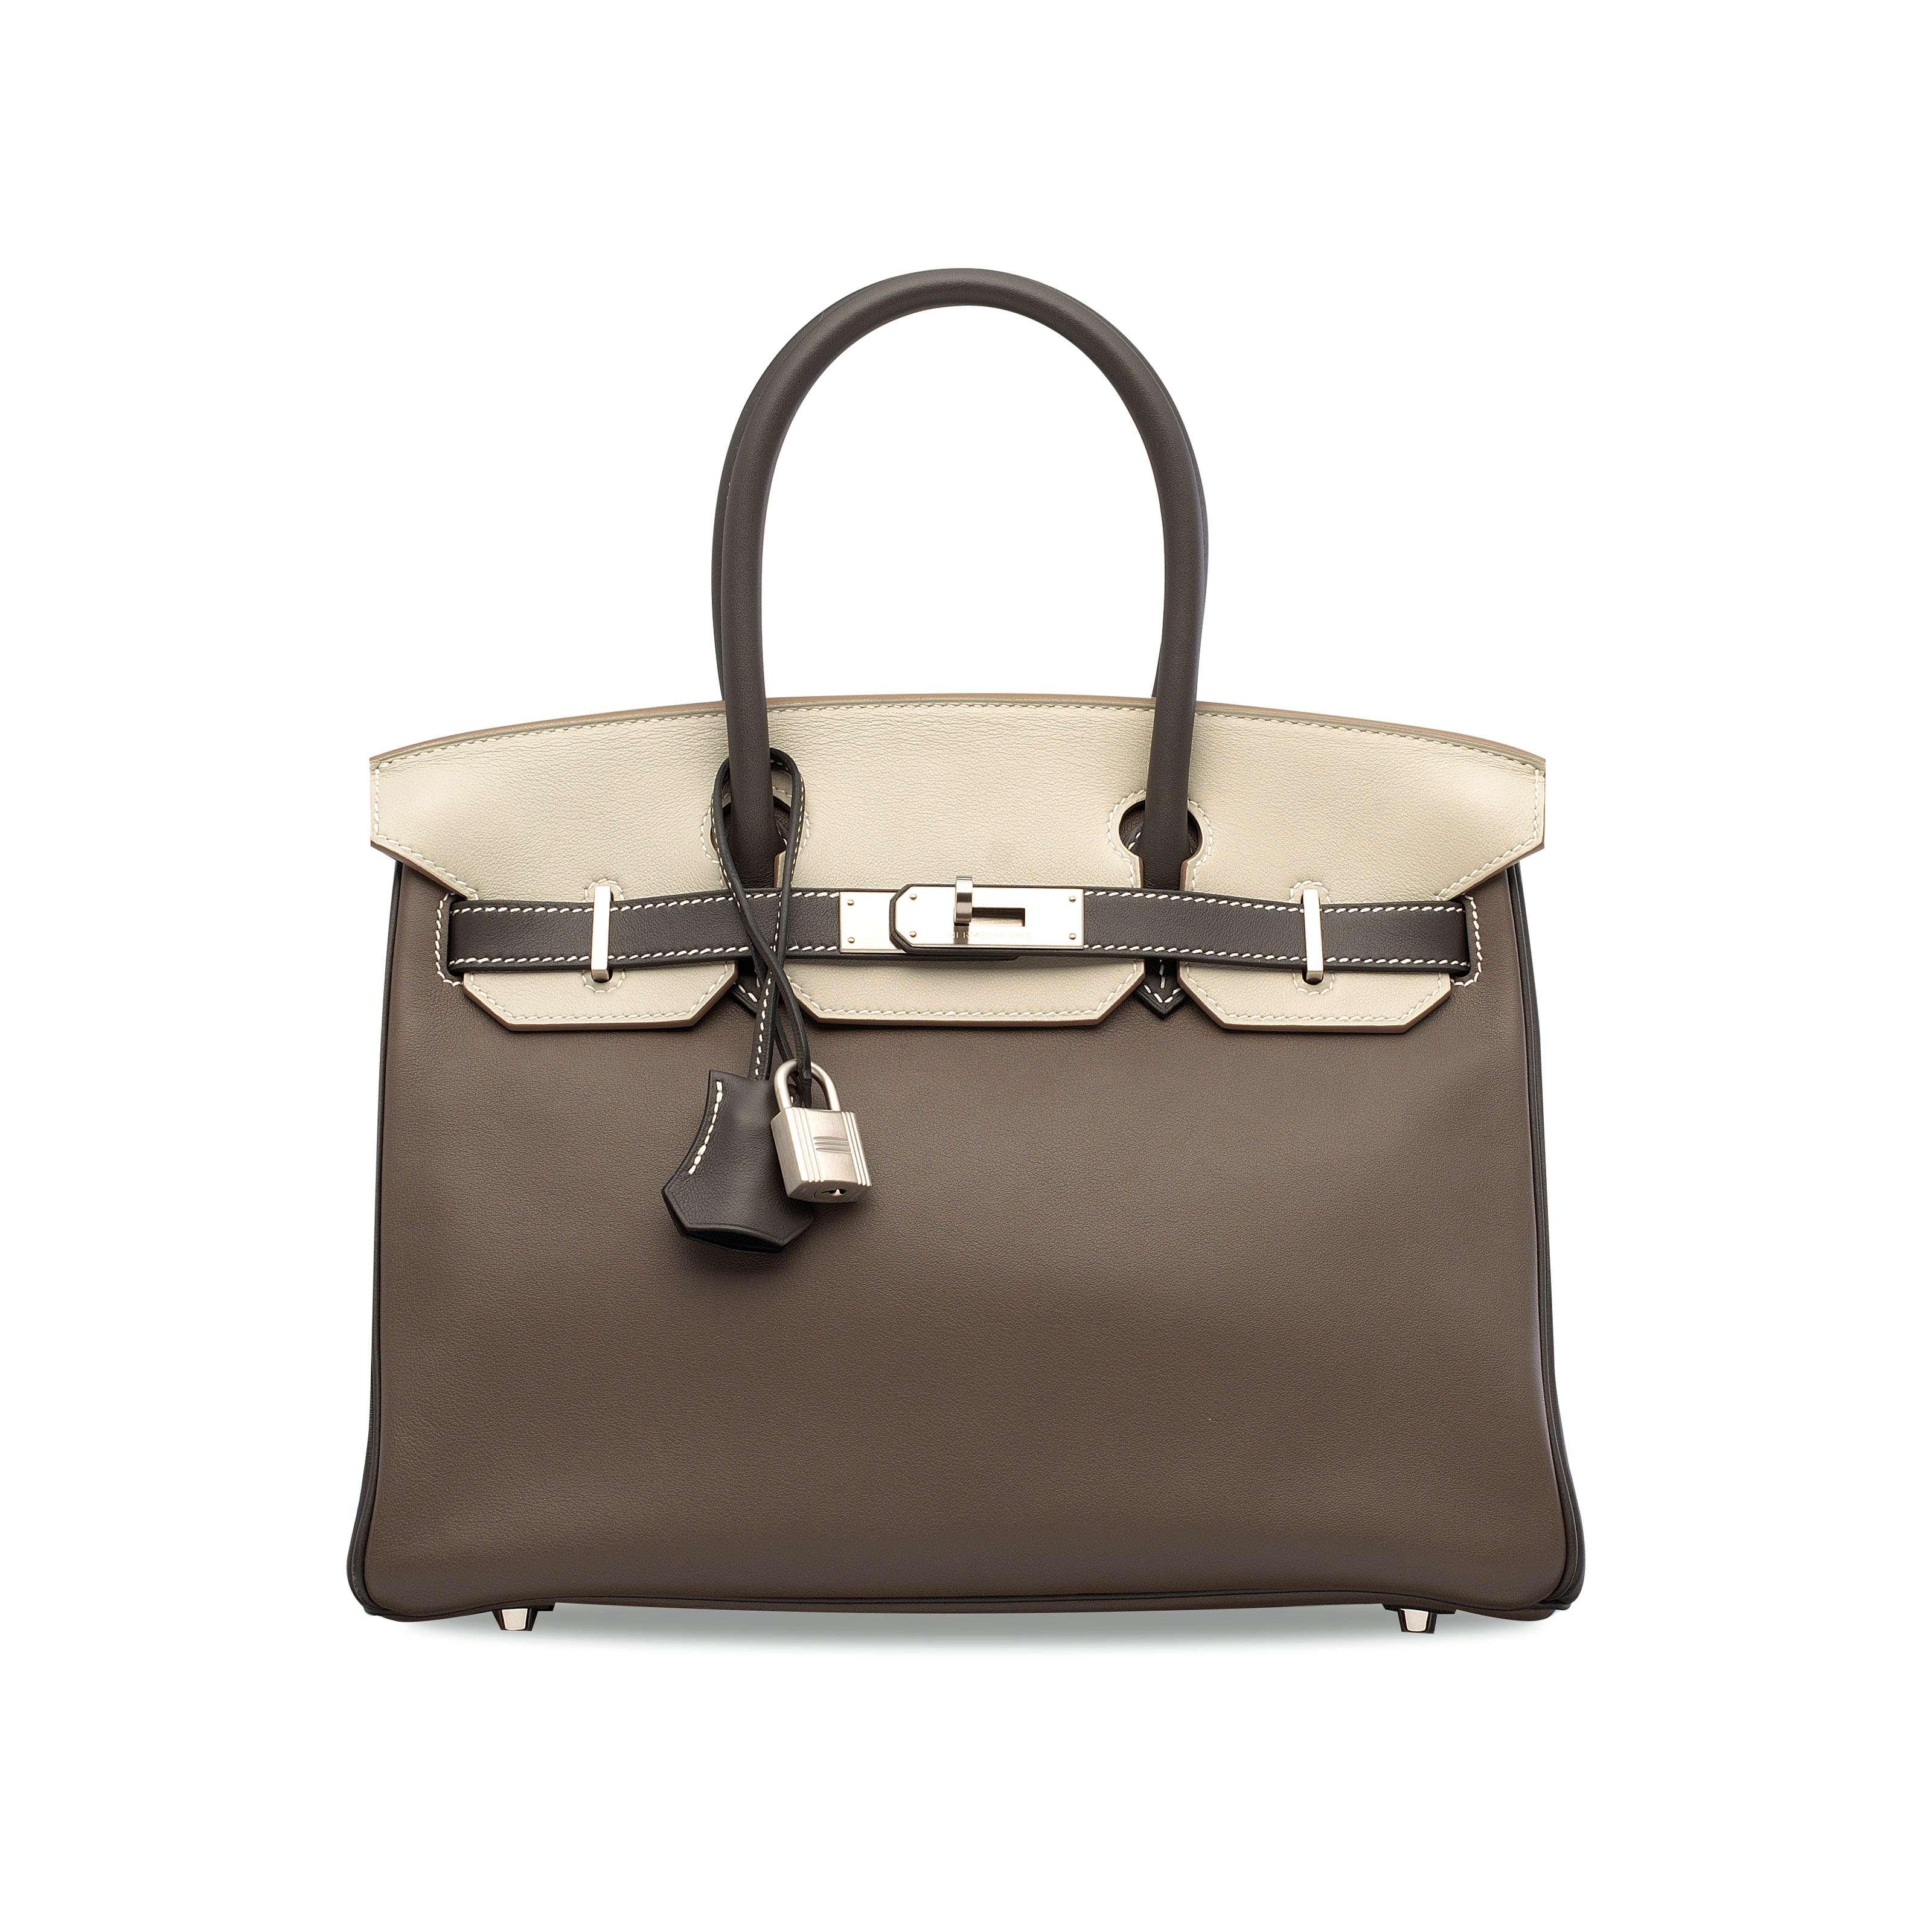 c1f2b0326bd Auktion - Handbags   Accessories am 30.05.2018 - LotSearch.de